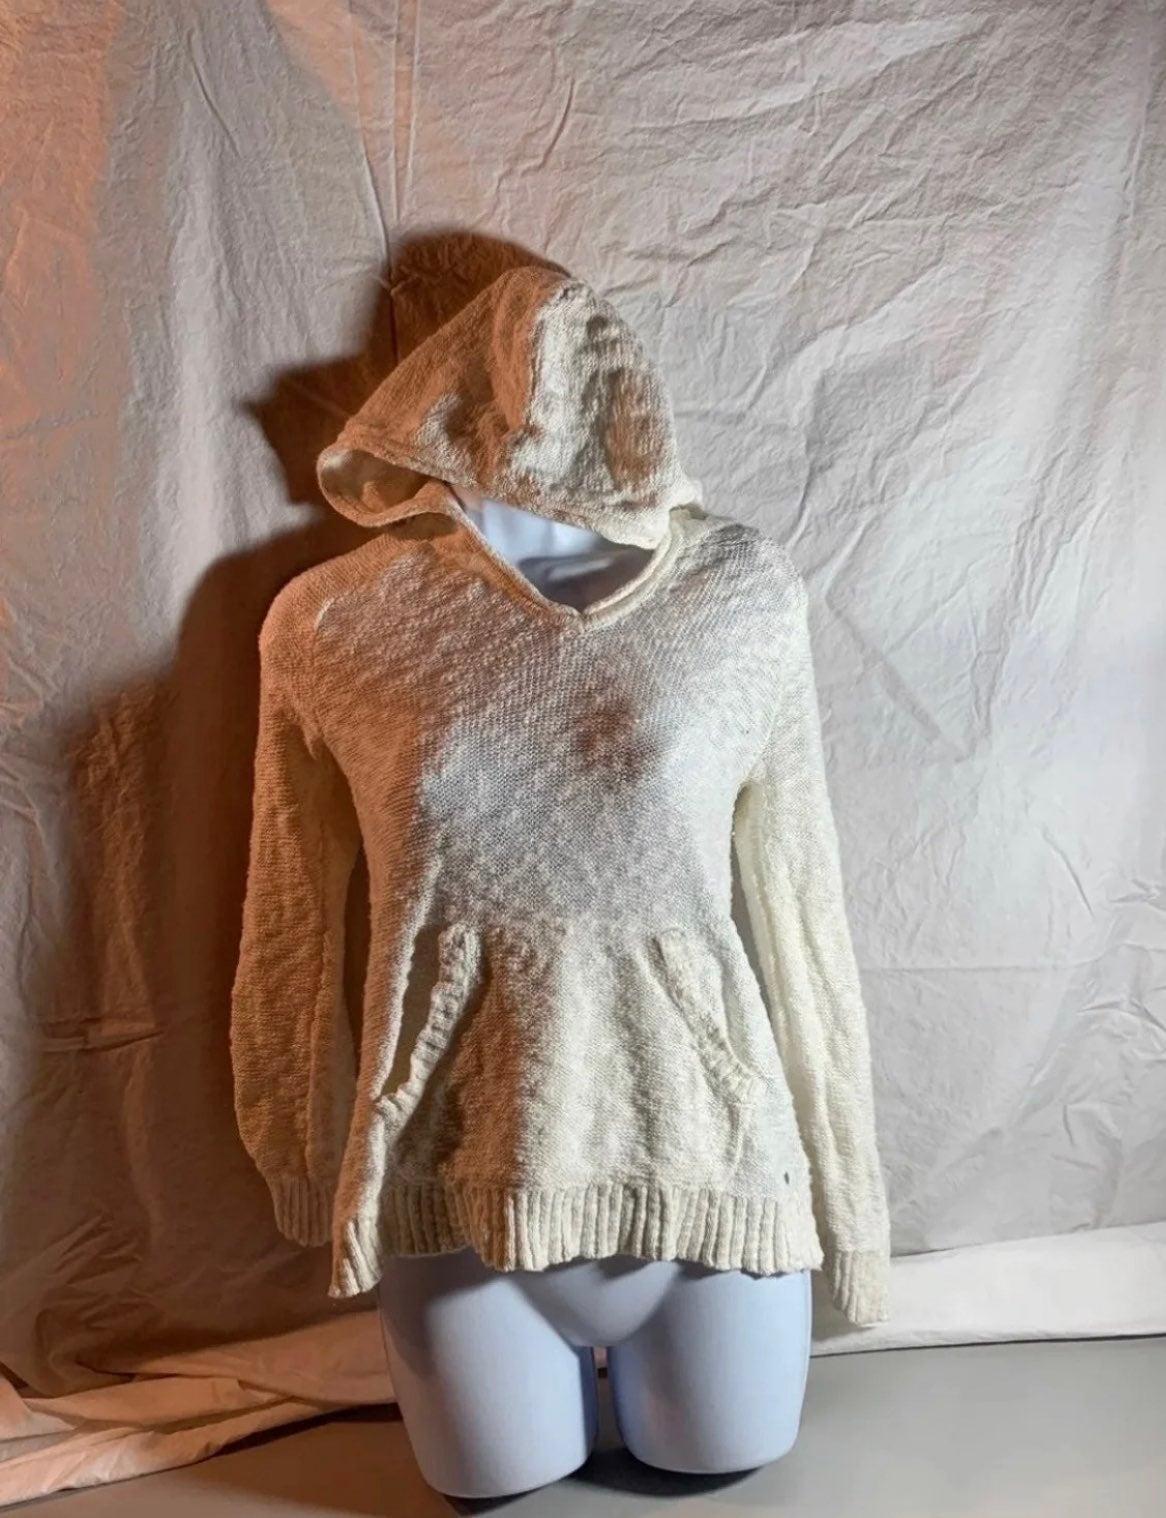 XS Eddie Bauer hooded sweater EUC